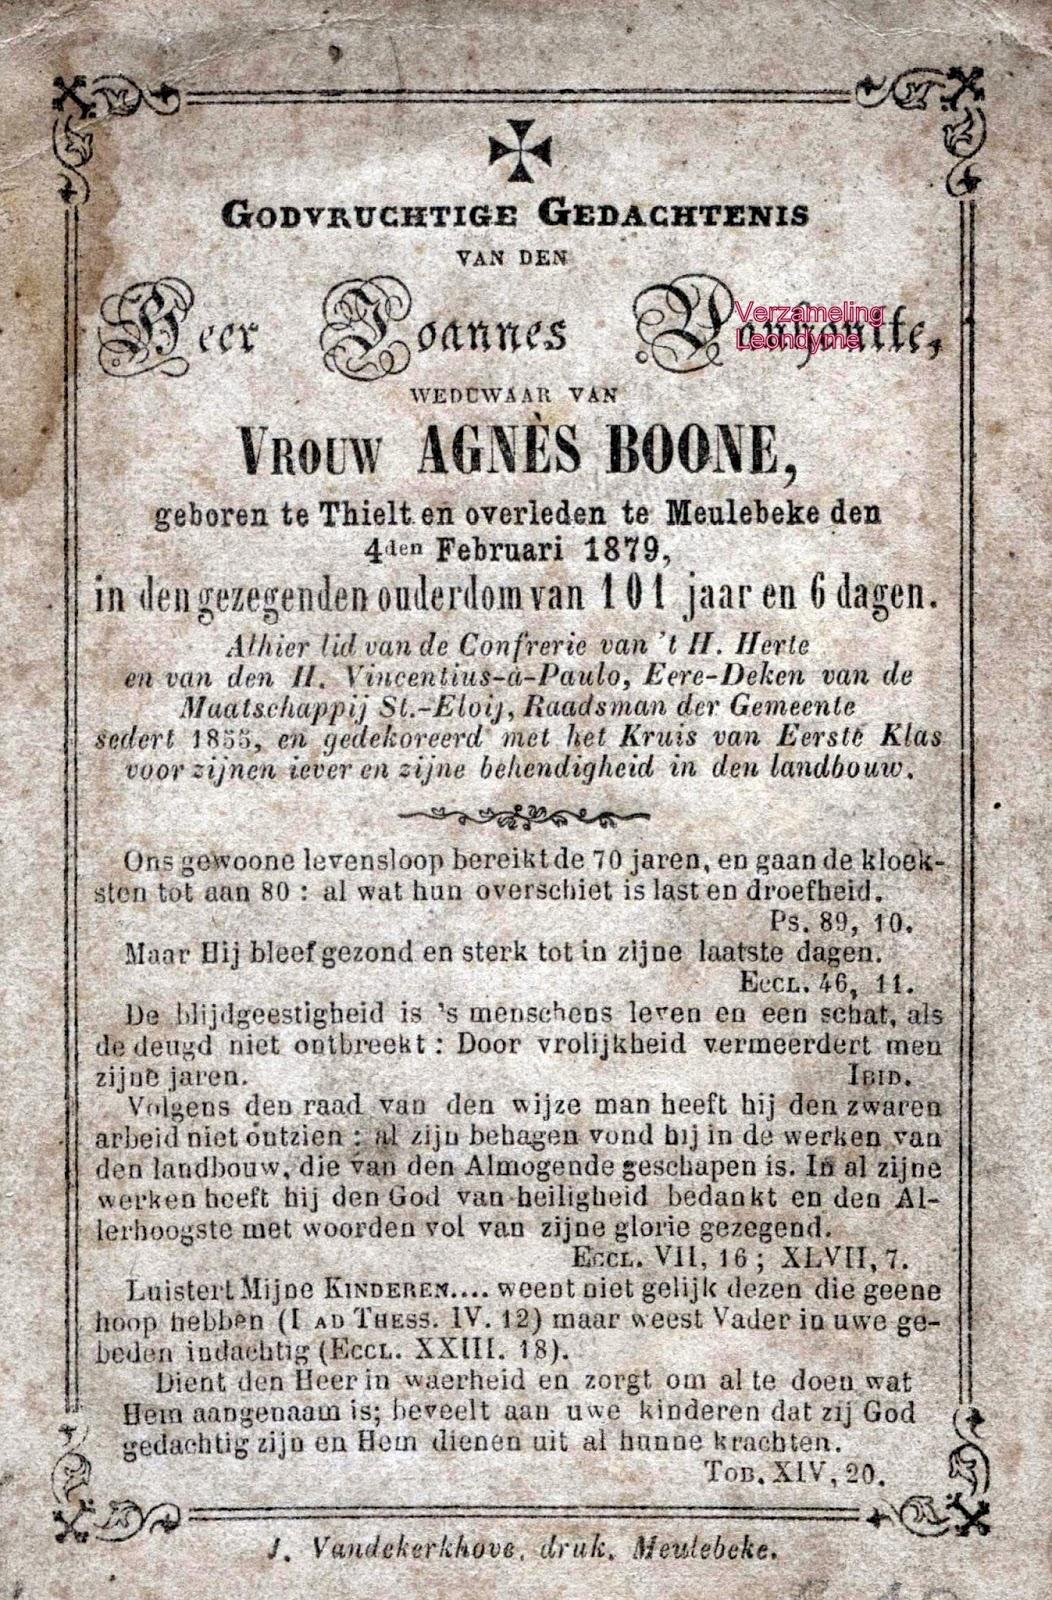 Bidprentje Joannes Vanhoutte 1778-1879. Verzameling Leondyme